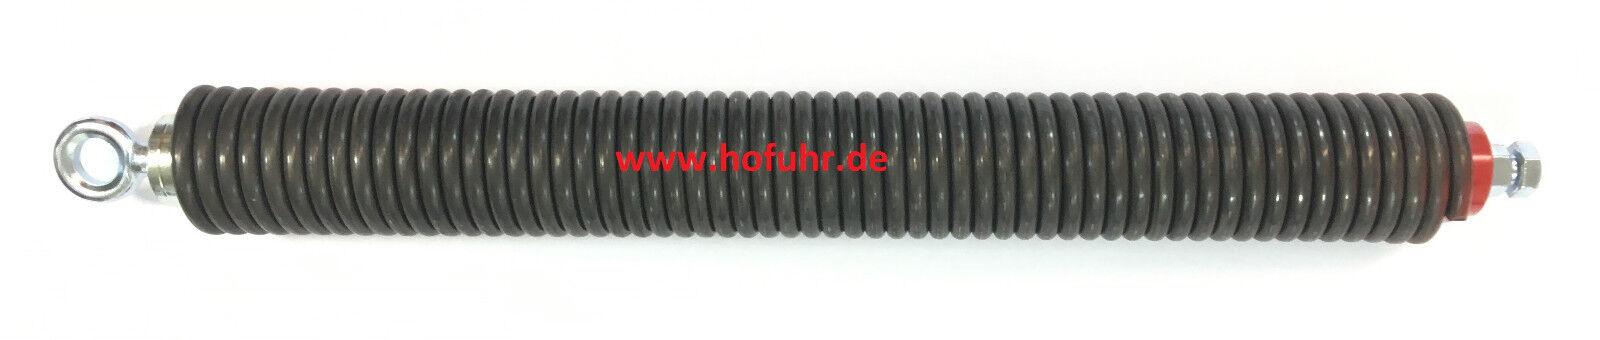 Ausgleichsfeder 55mm, rot für CAME GARD 3, 4, 8, 3750, 6500 Schranken, 001G06080